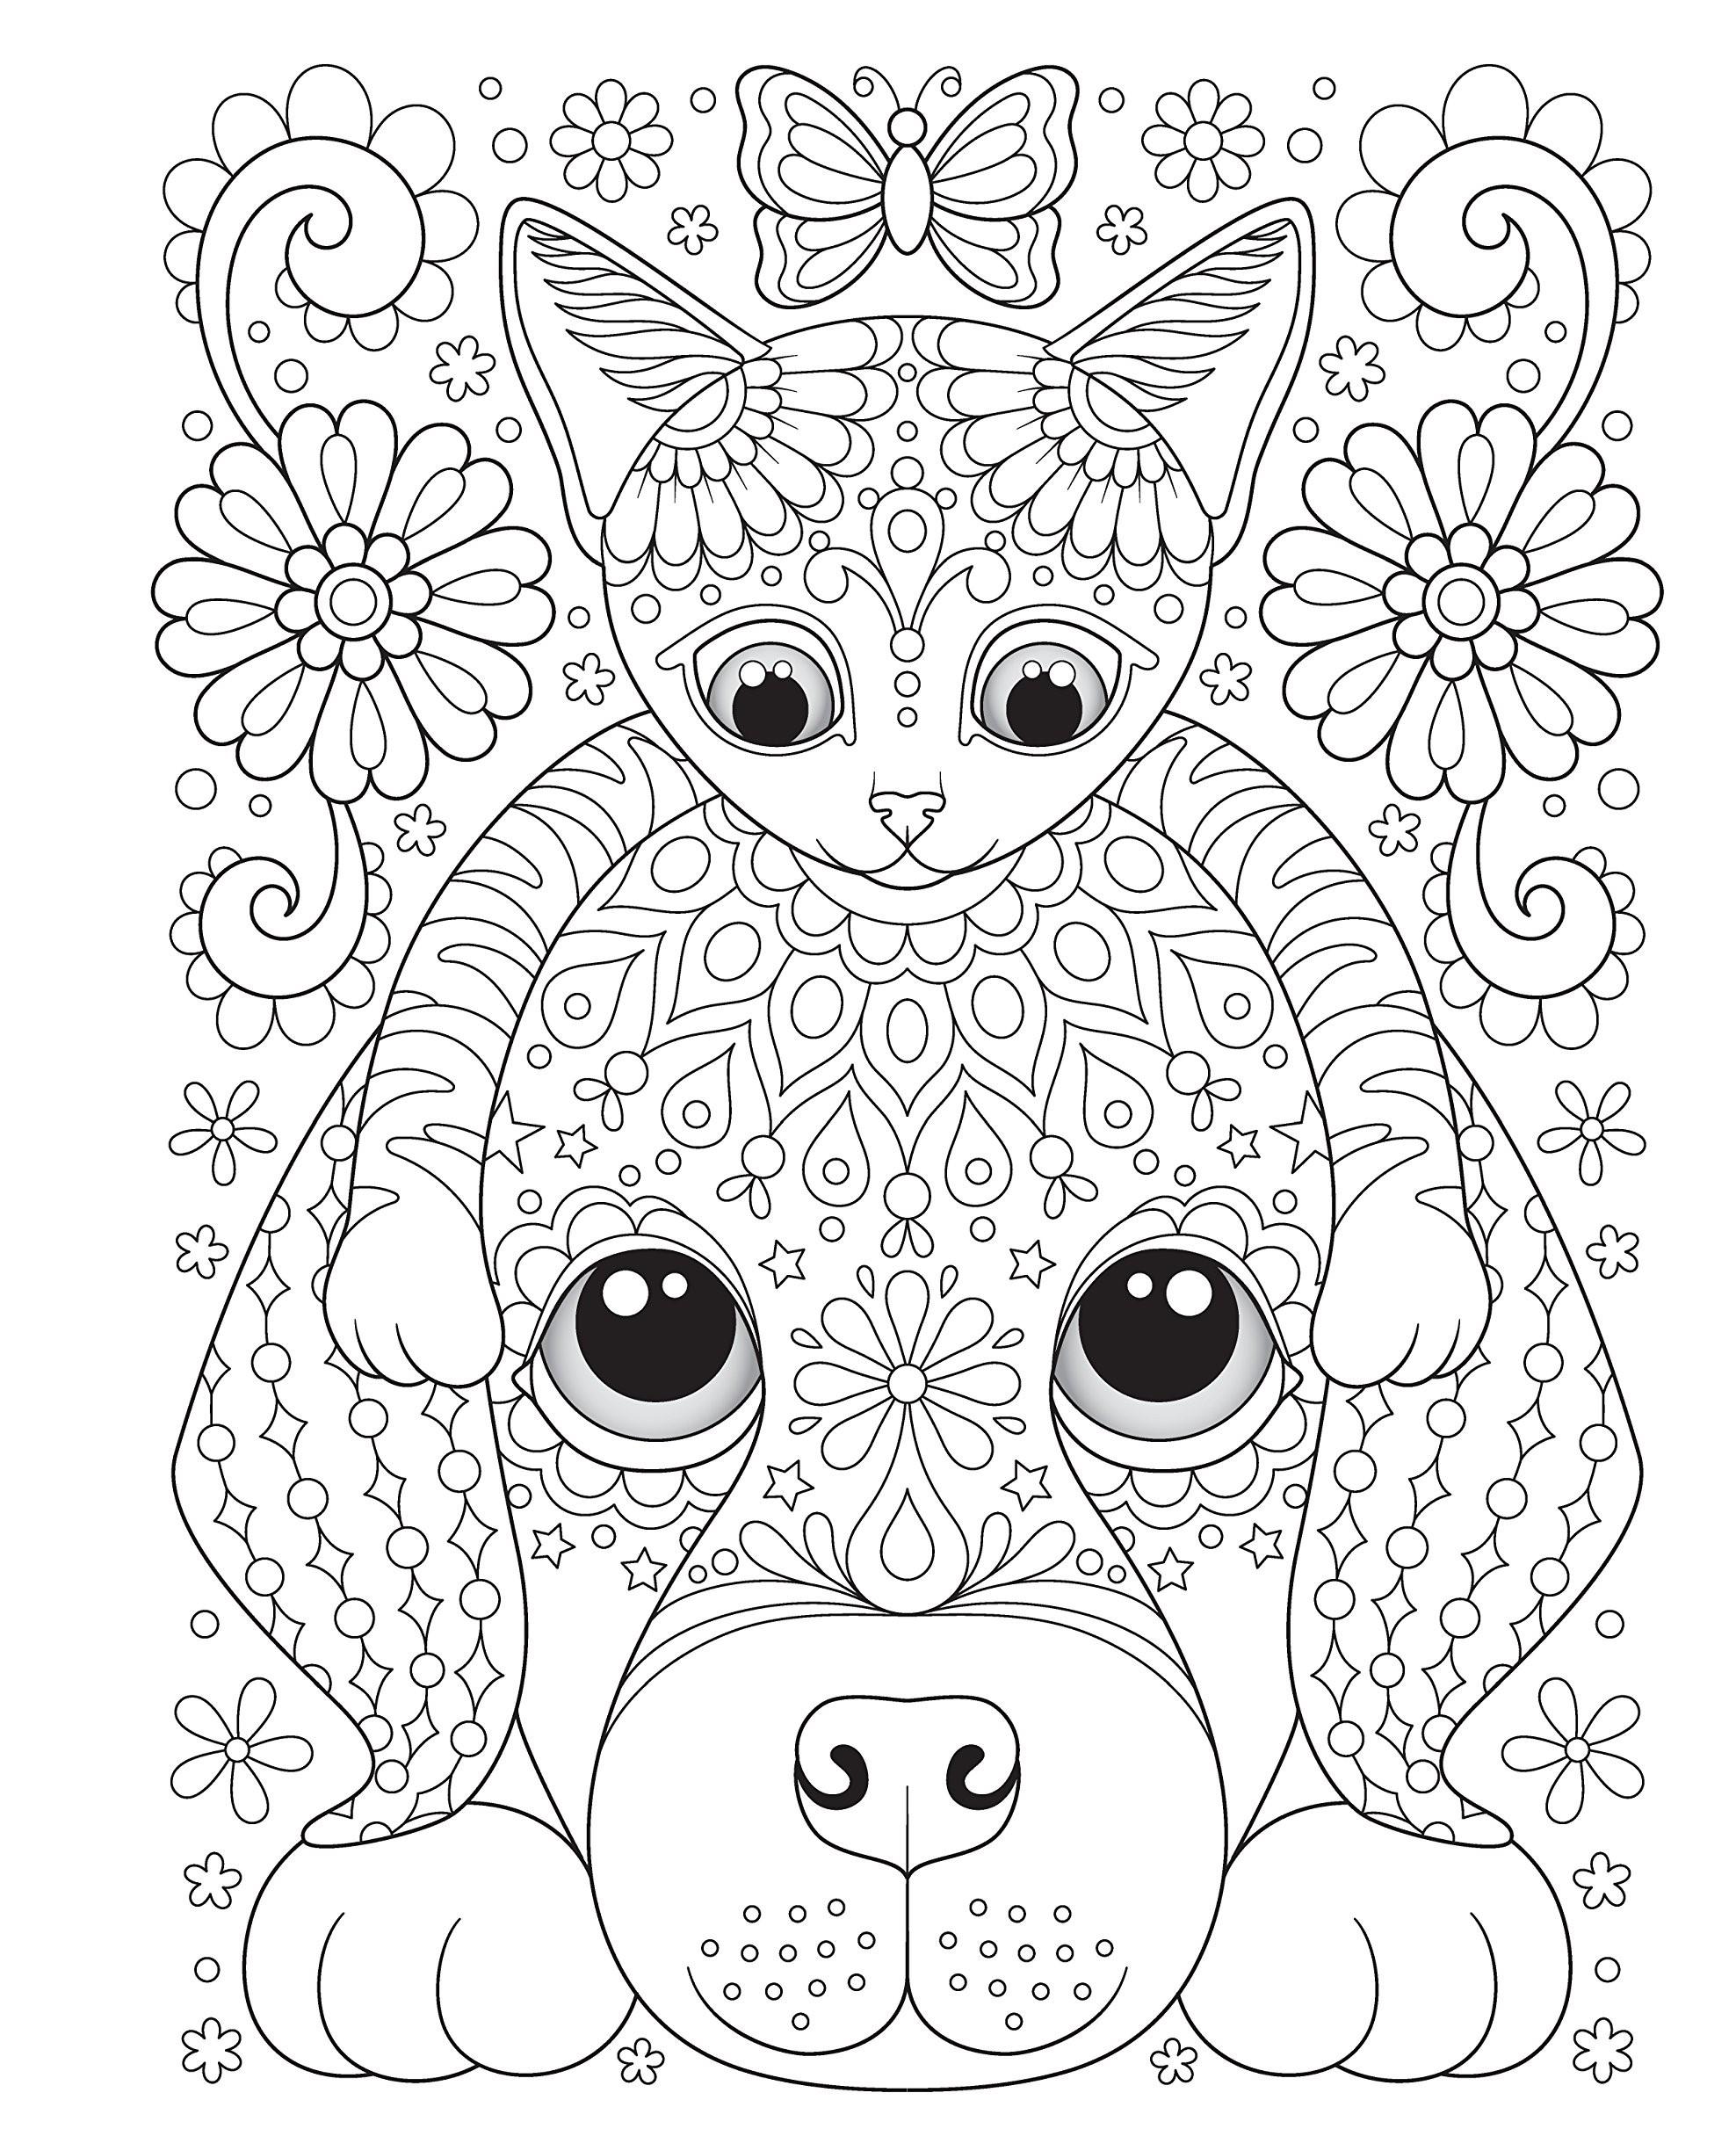 Раскраски сложные для взрослых антистресс «Дружба - кошка и собака», чтобы распечатать